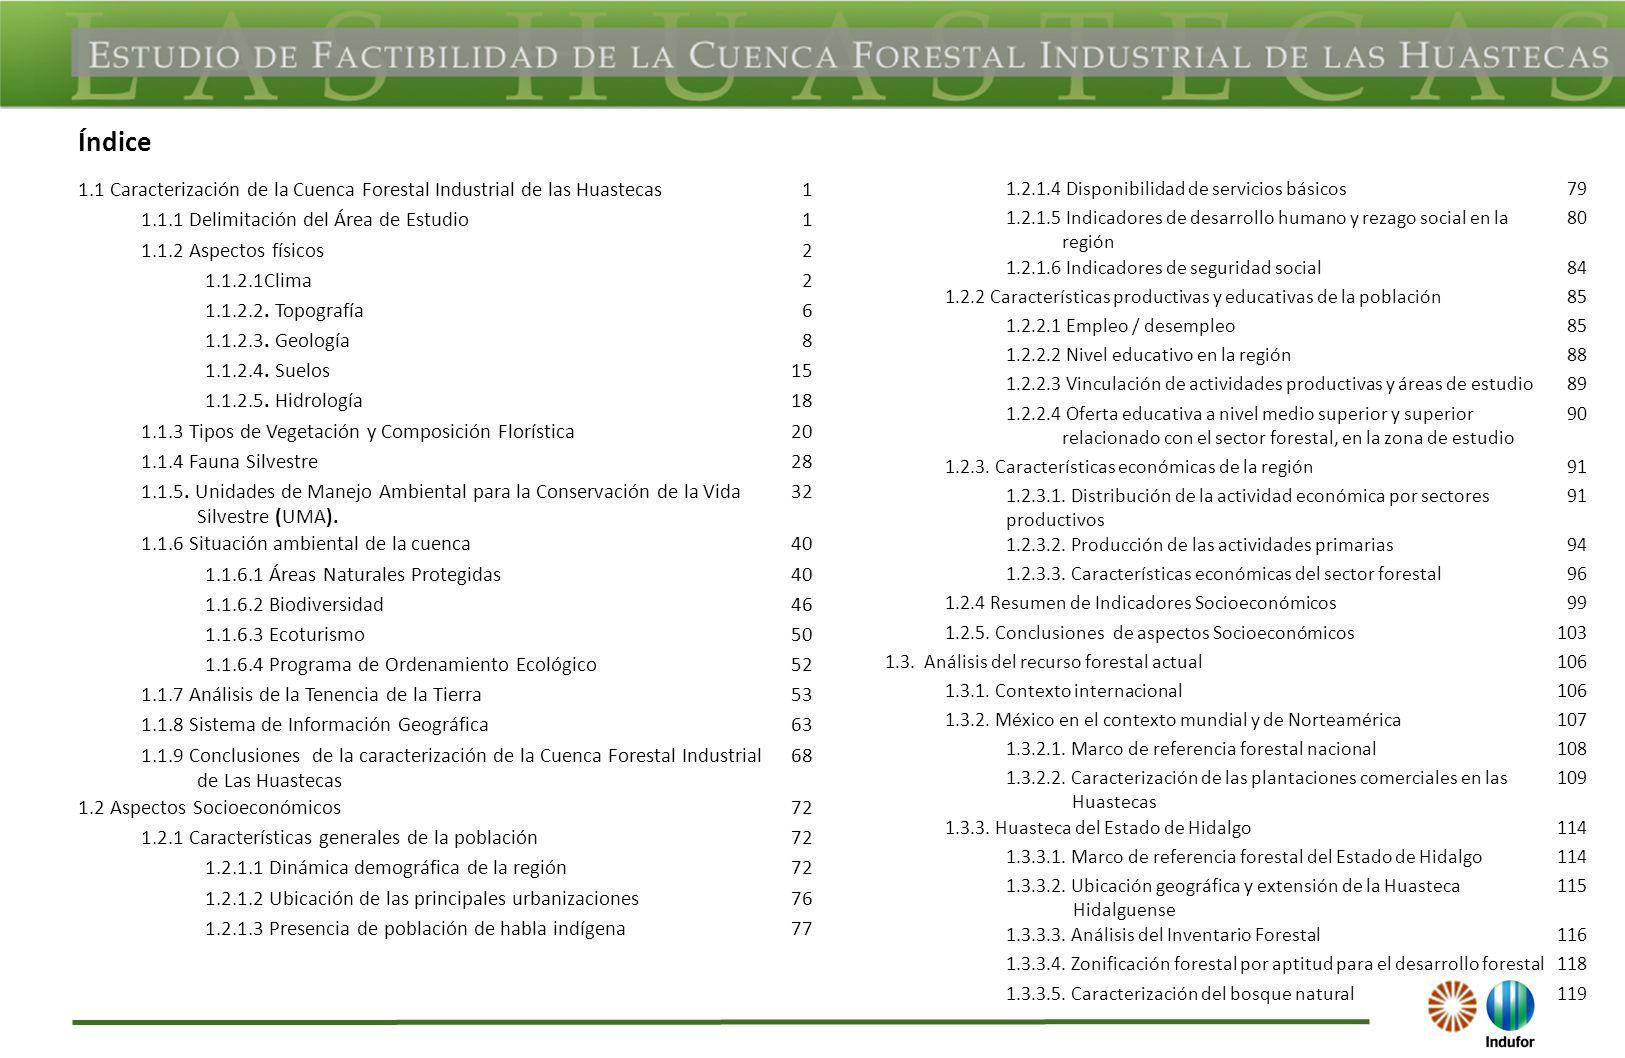 Índice 1.1 Caracterización de la Cuenca Forestal Industrial de las Huastecas. 1. 1.1.1 Delimitación del Área de Estudio.